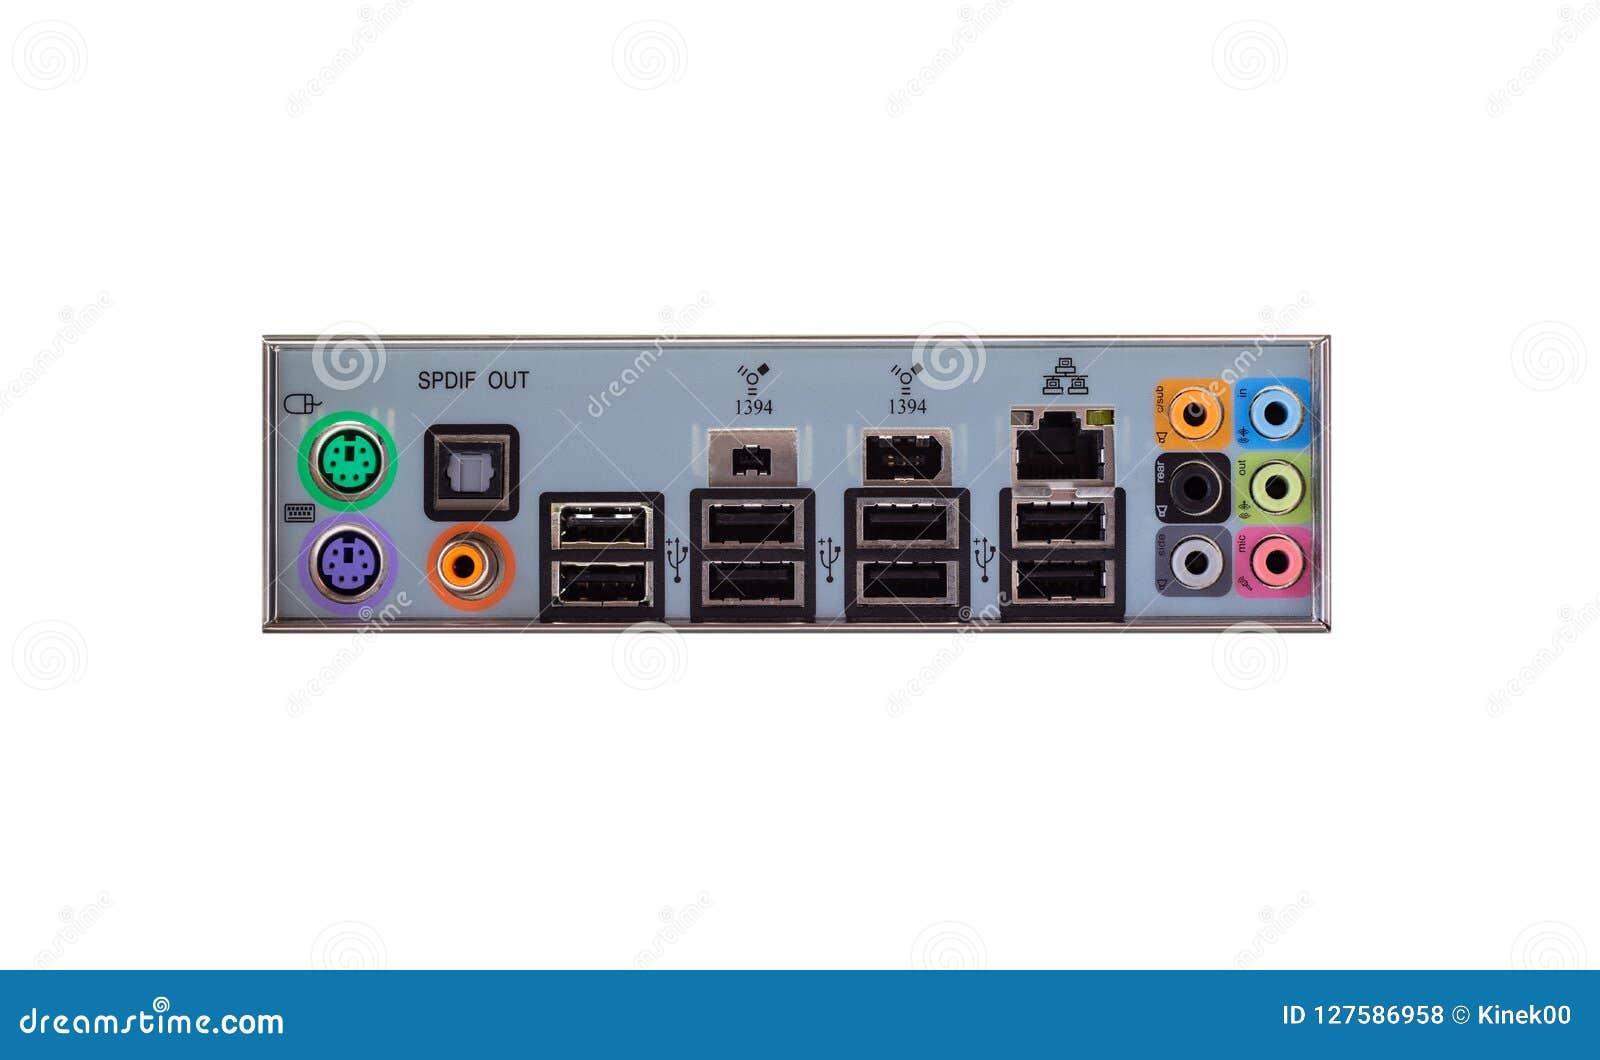 Mening van de rug van een bureaucomputer met een zichtbaar verbindingspaneel, audio, LAN, muis, toetsenbord, USB